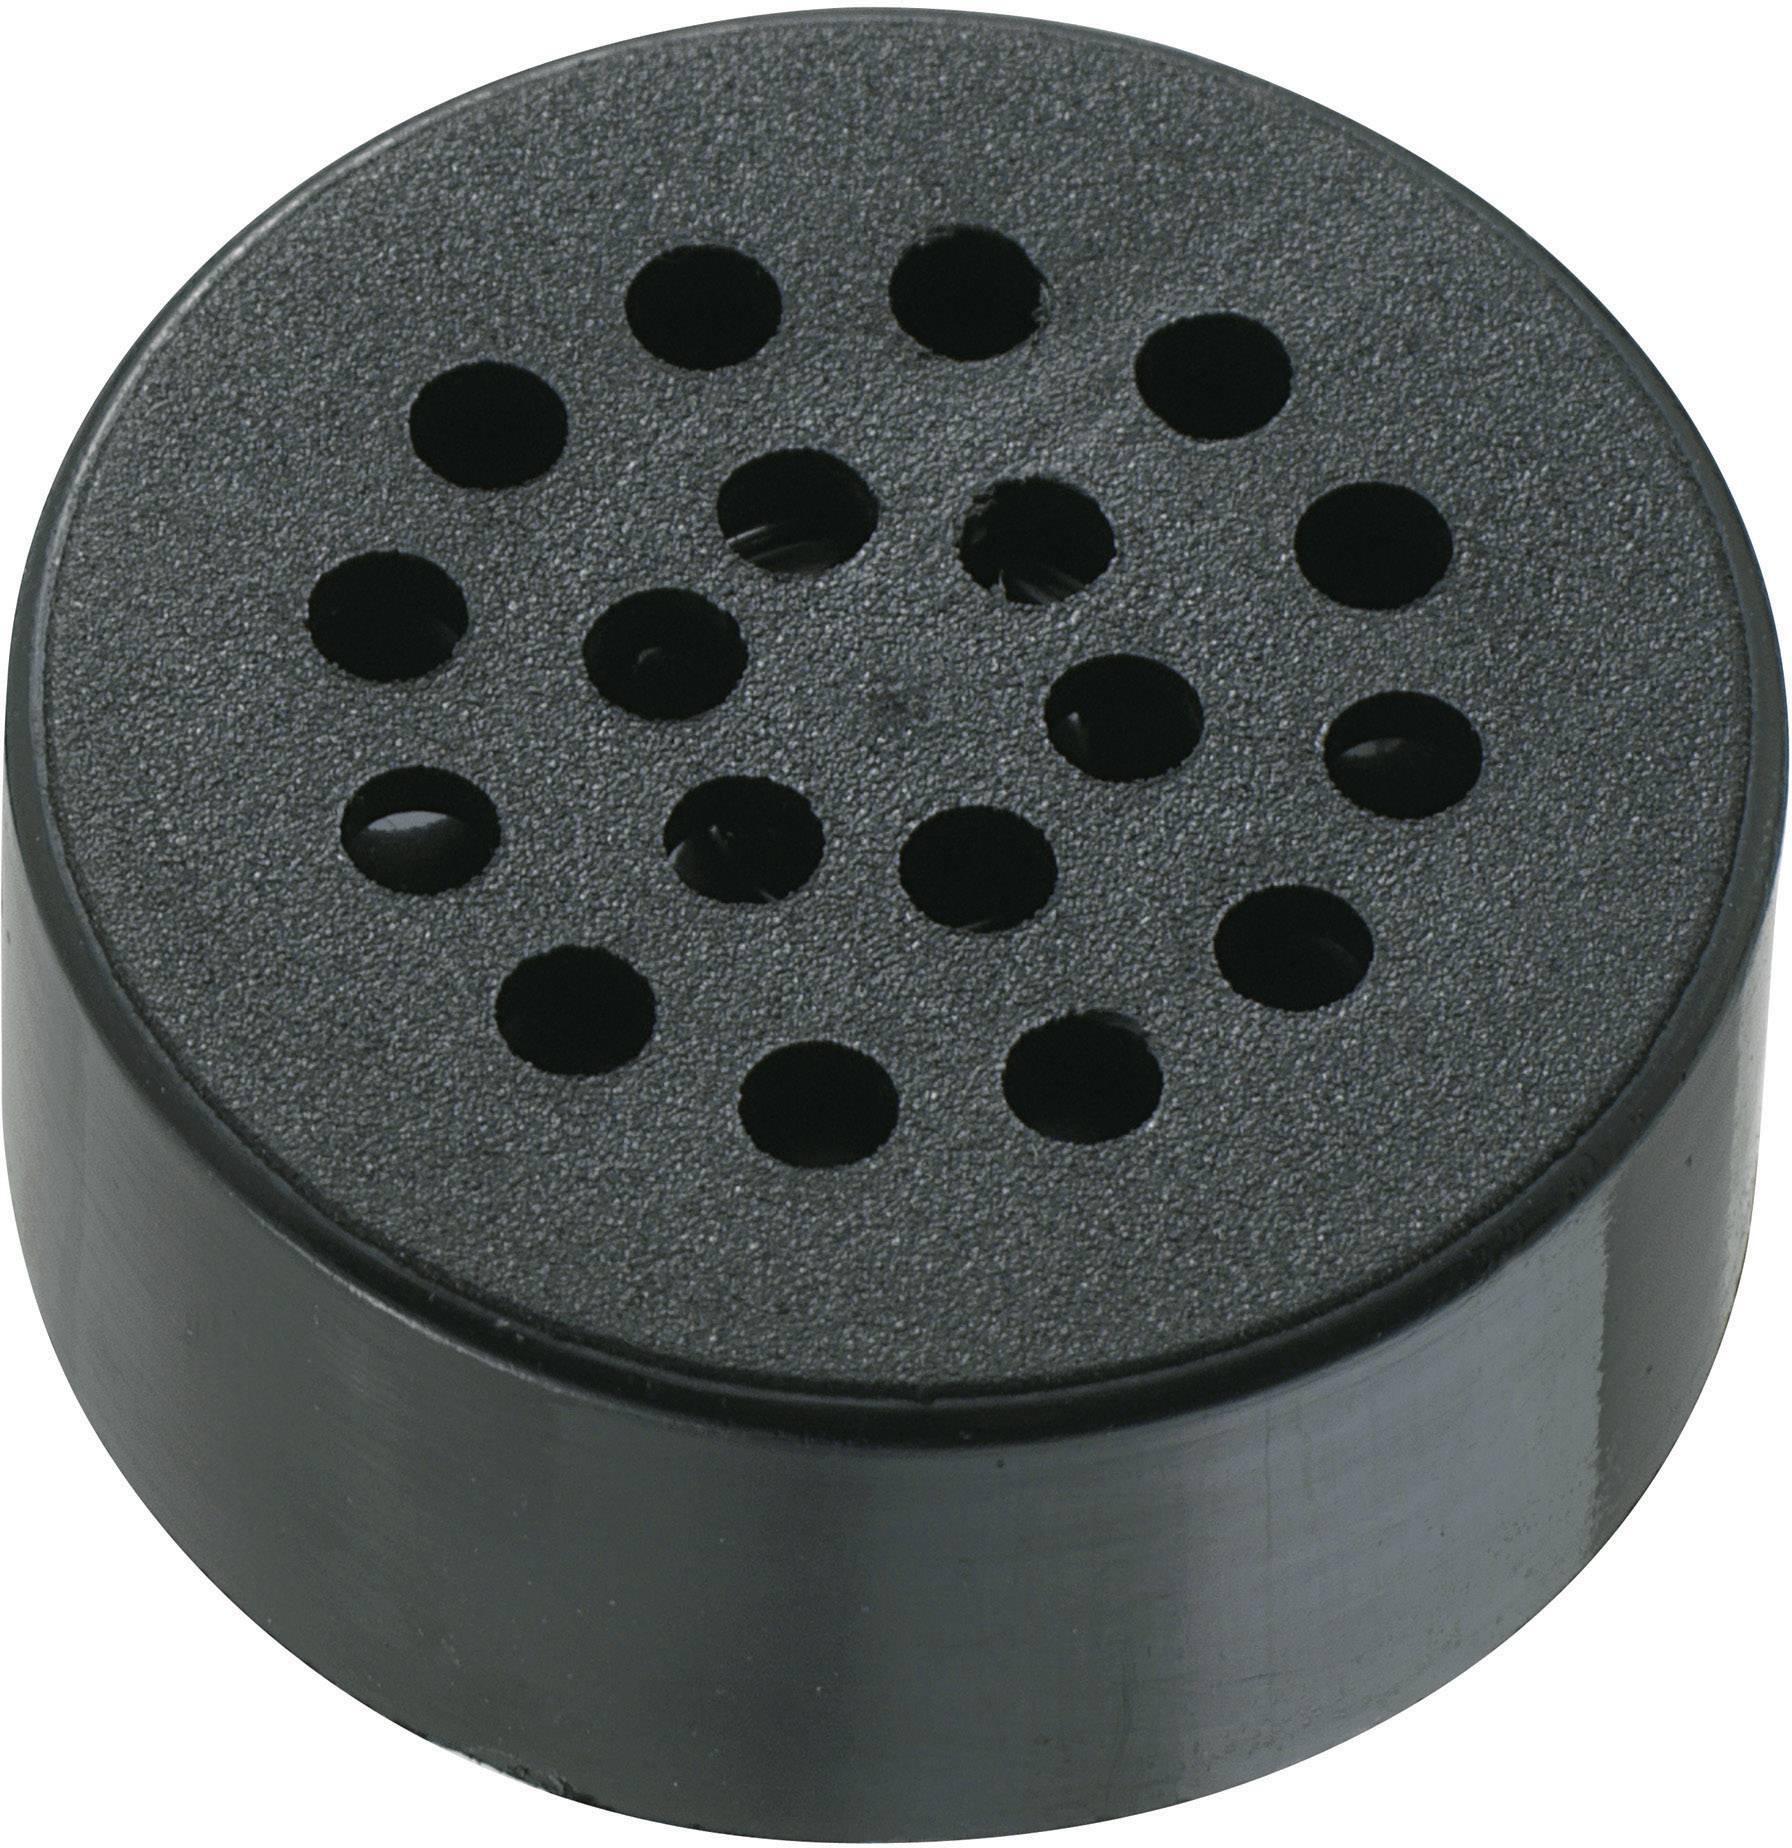 Mini reproduktor, KPMB-G2300-6107